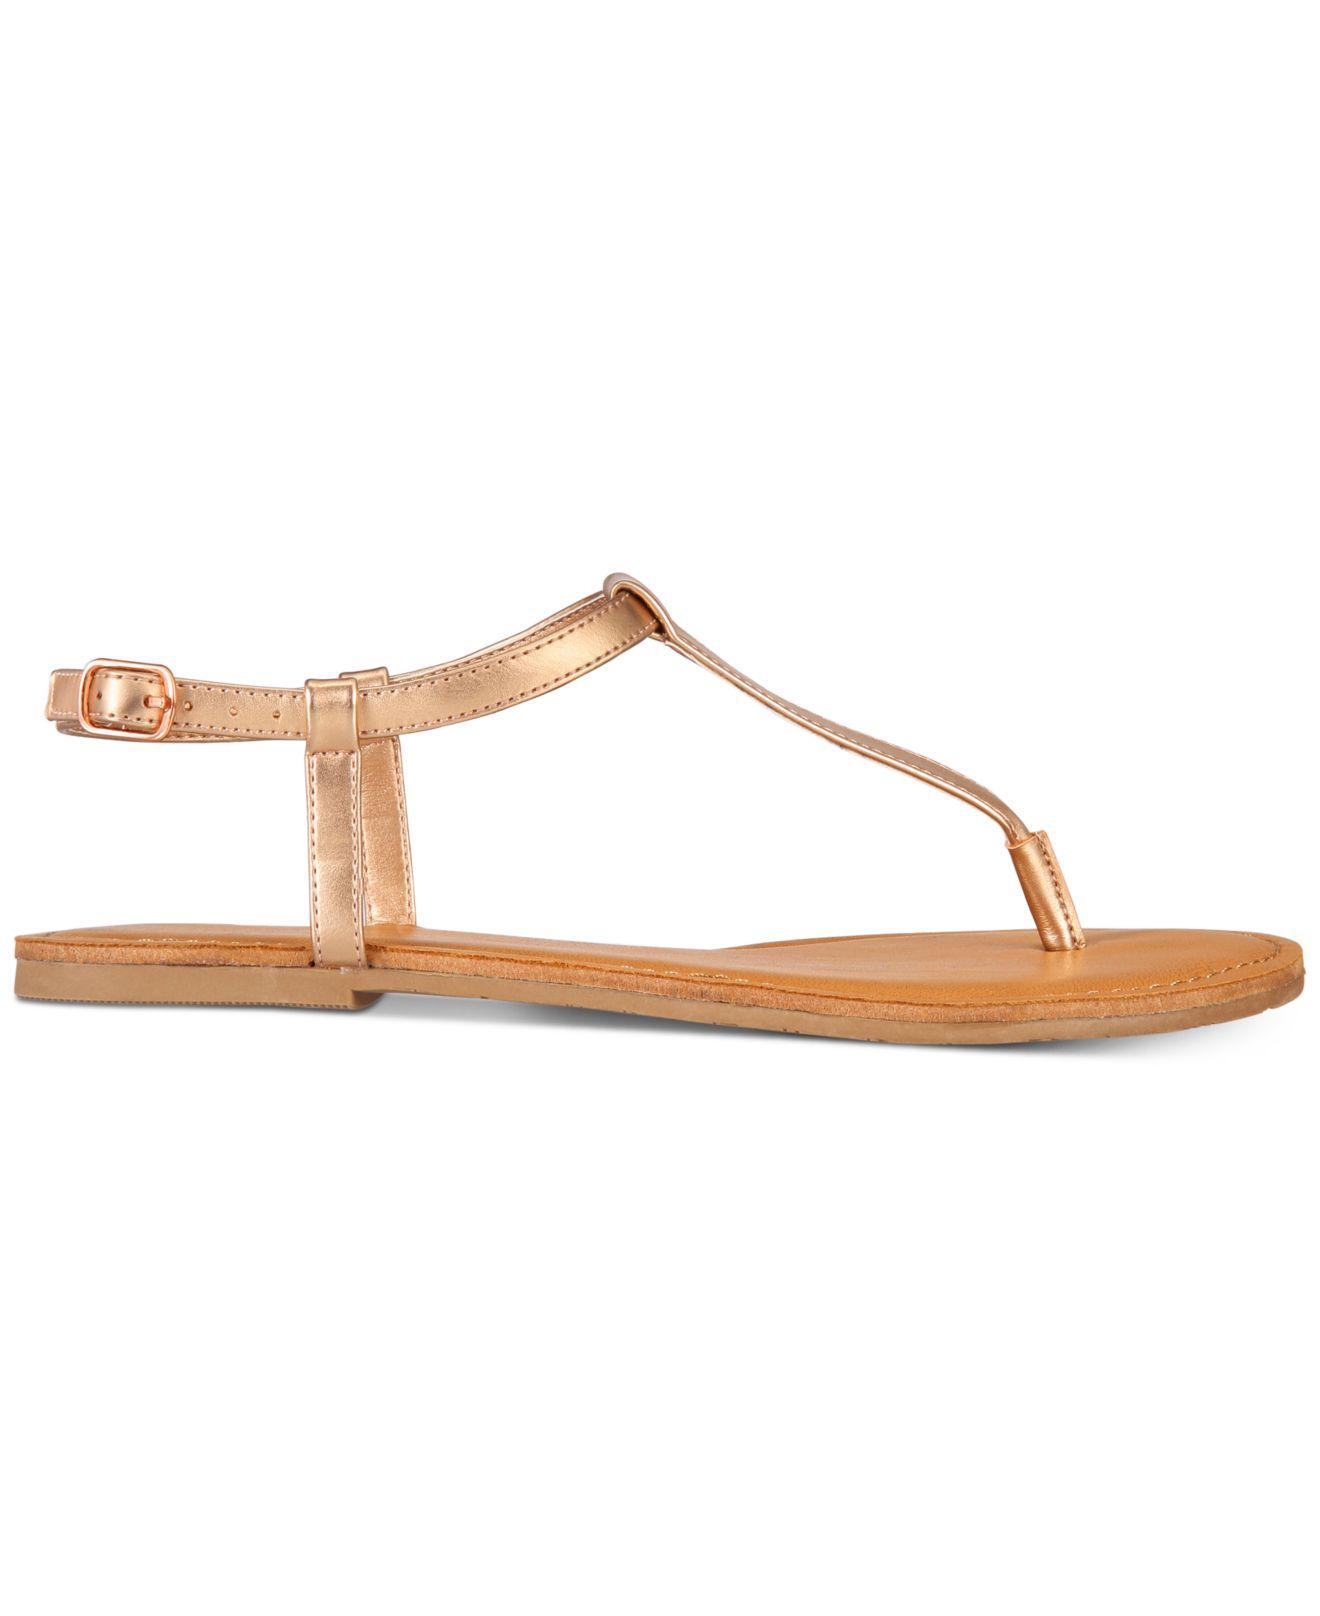 314d96c88246 Lyst - American Rag Krista T-strap Flat Sandals